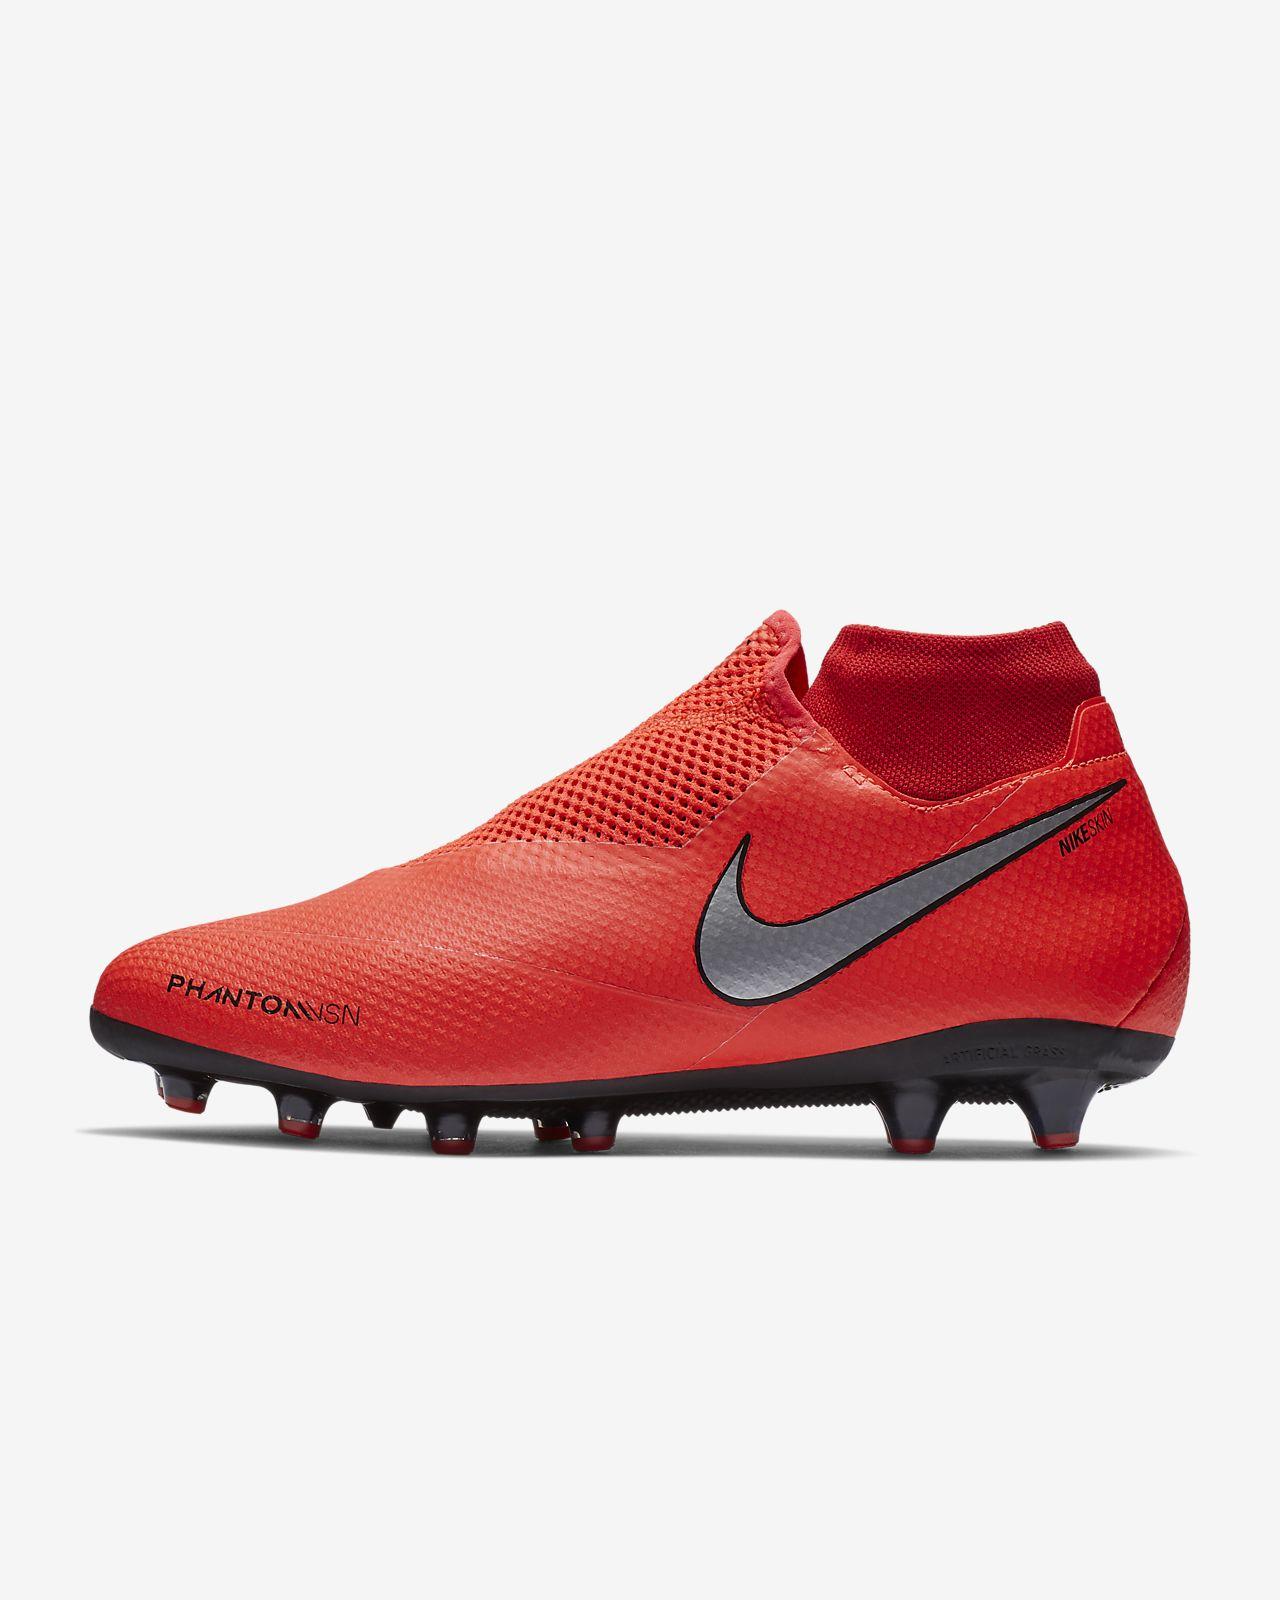 08559834 ... Nike Phantom Vision Elite Dynamic Fit AG-Pro fotballsko til kunstgress